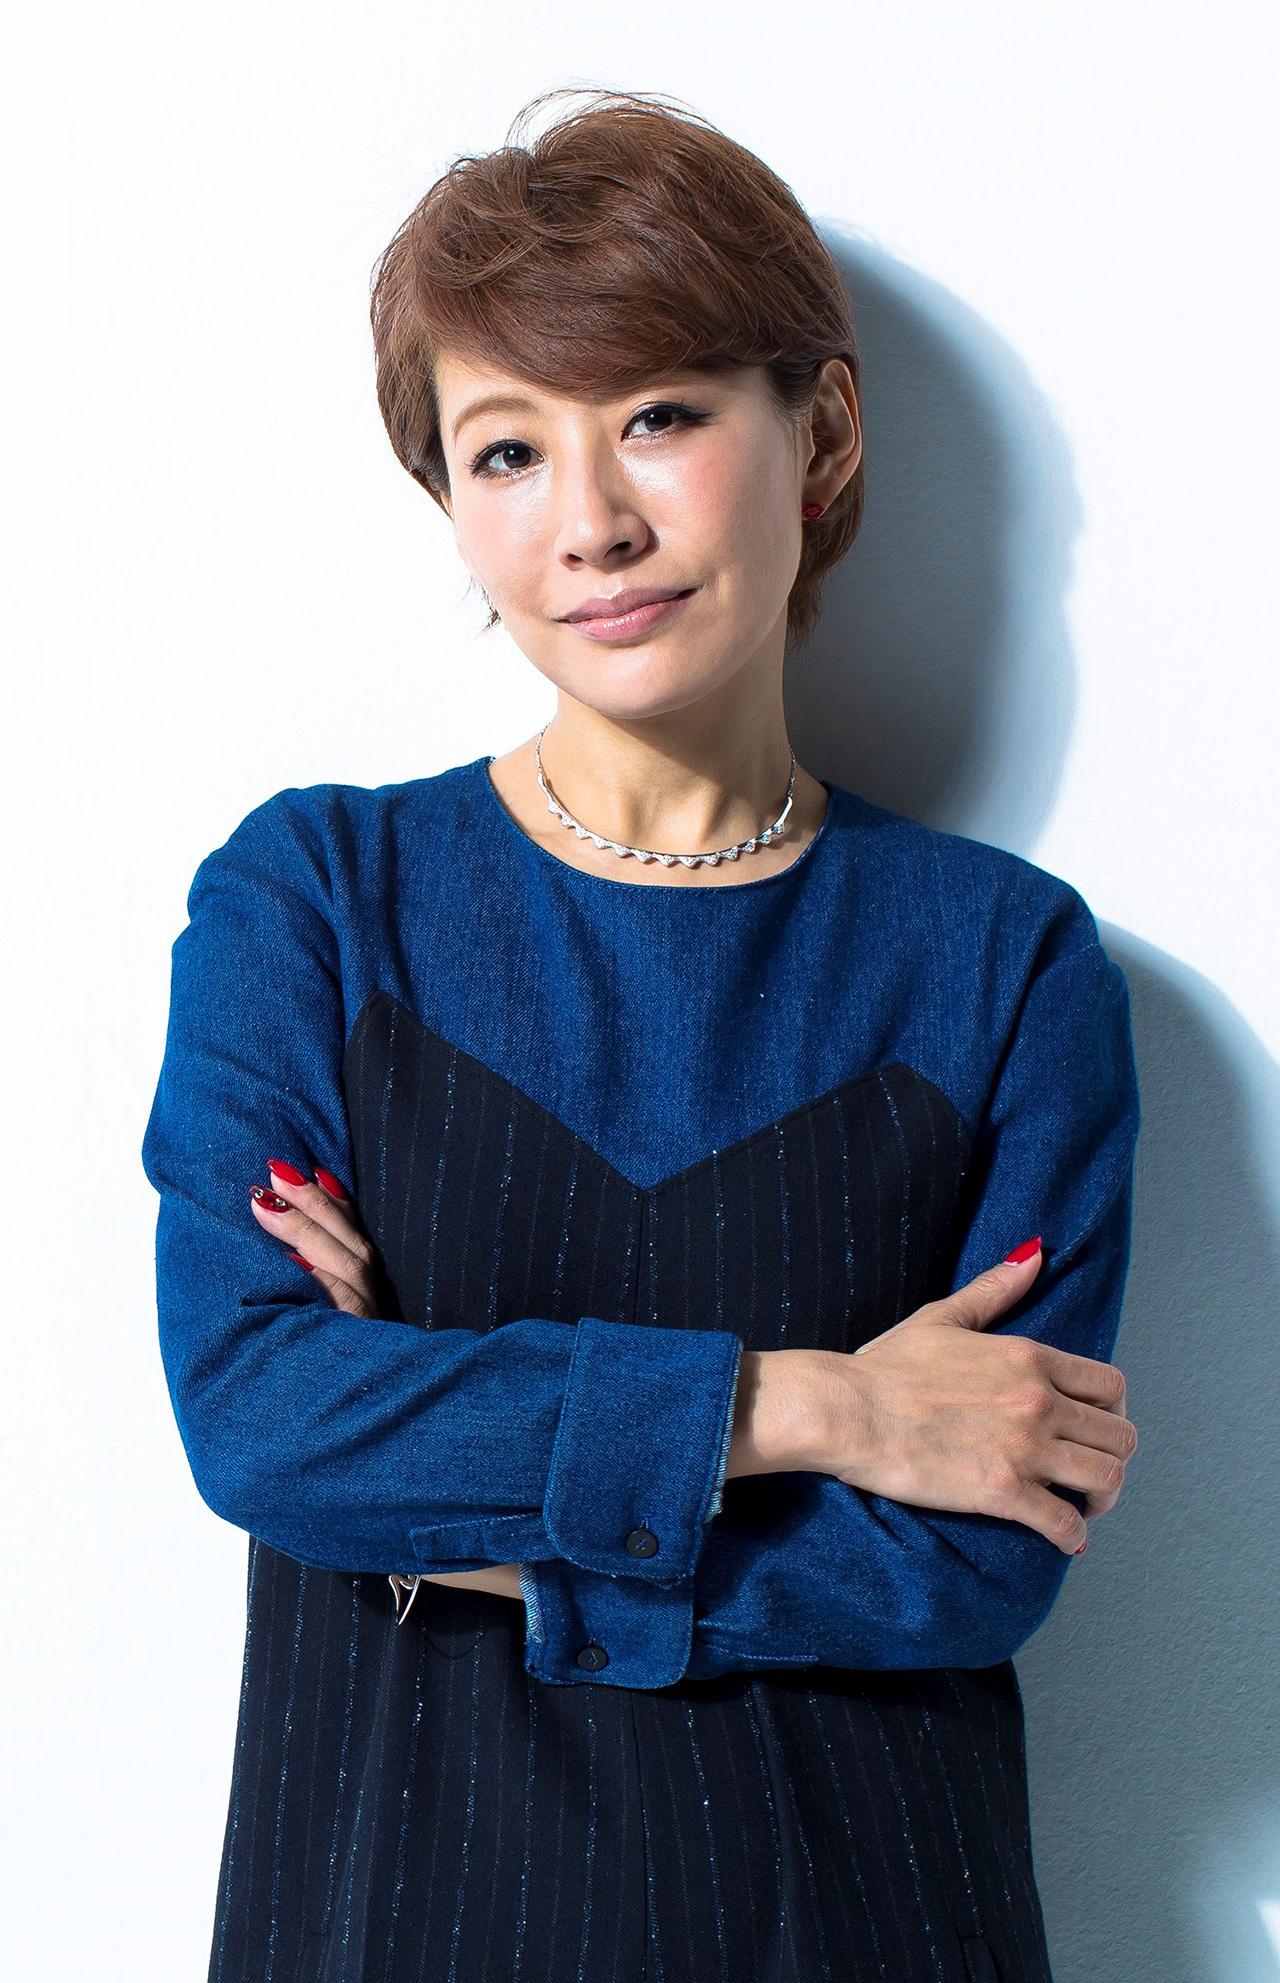 「山田くんのエドに声をアテたい!」アニメ版エド役・朴璐美が『ハガレン』愛を語り尽くす